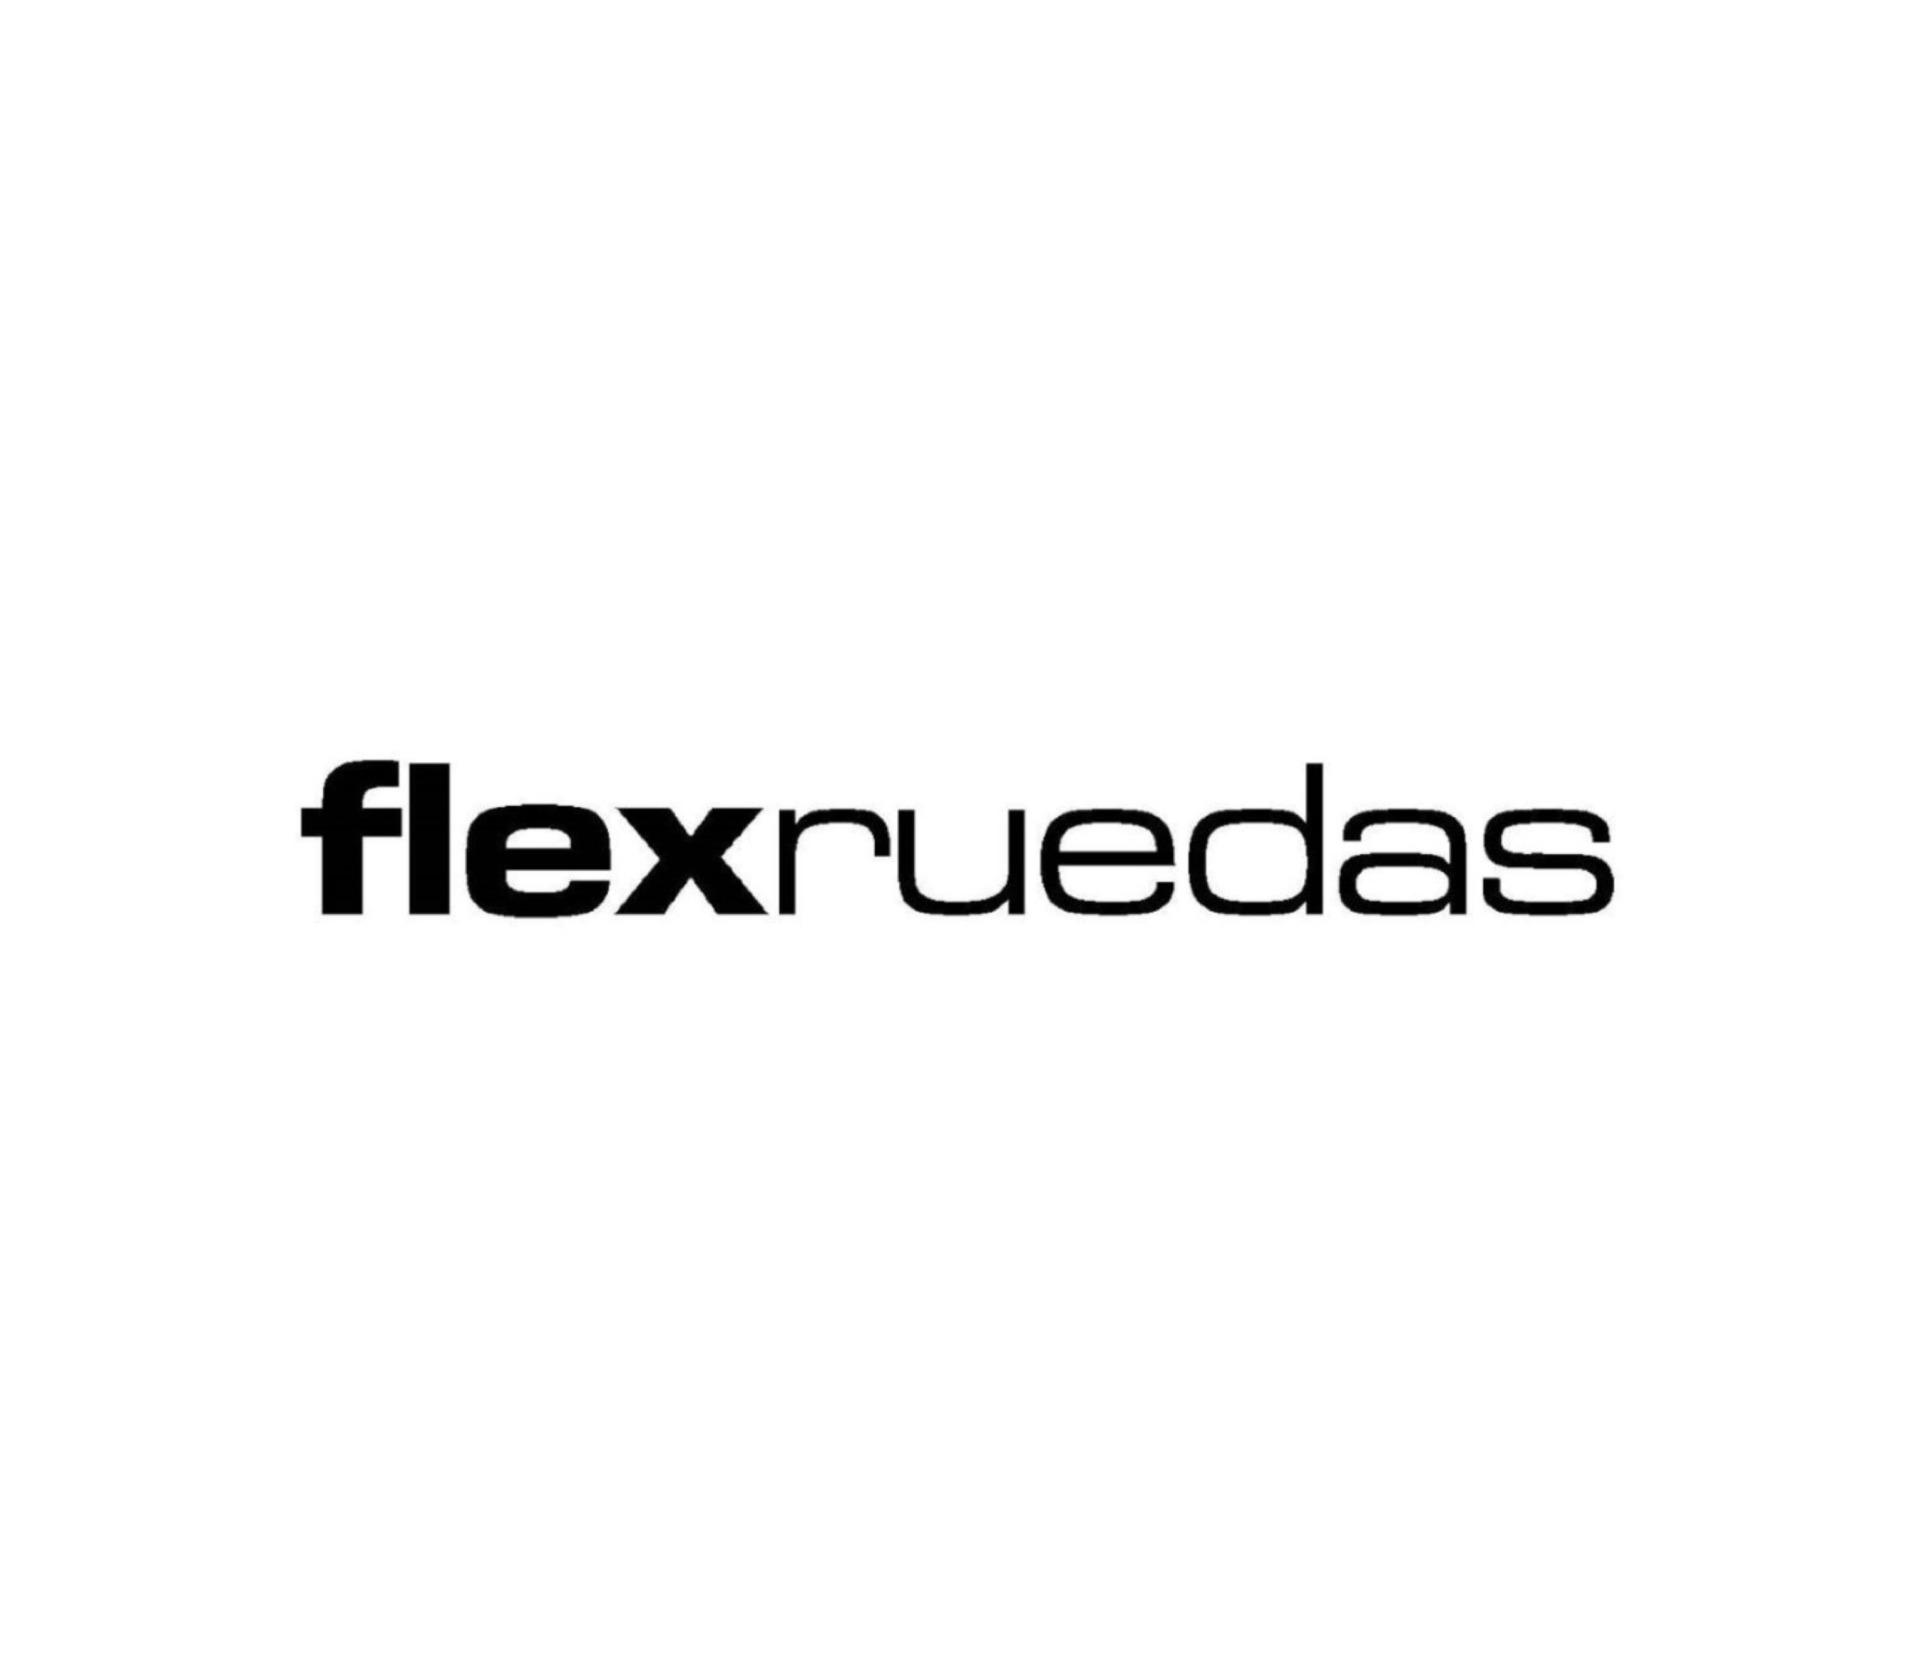 FLEXRUEDAS